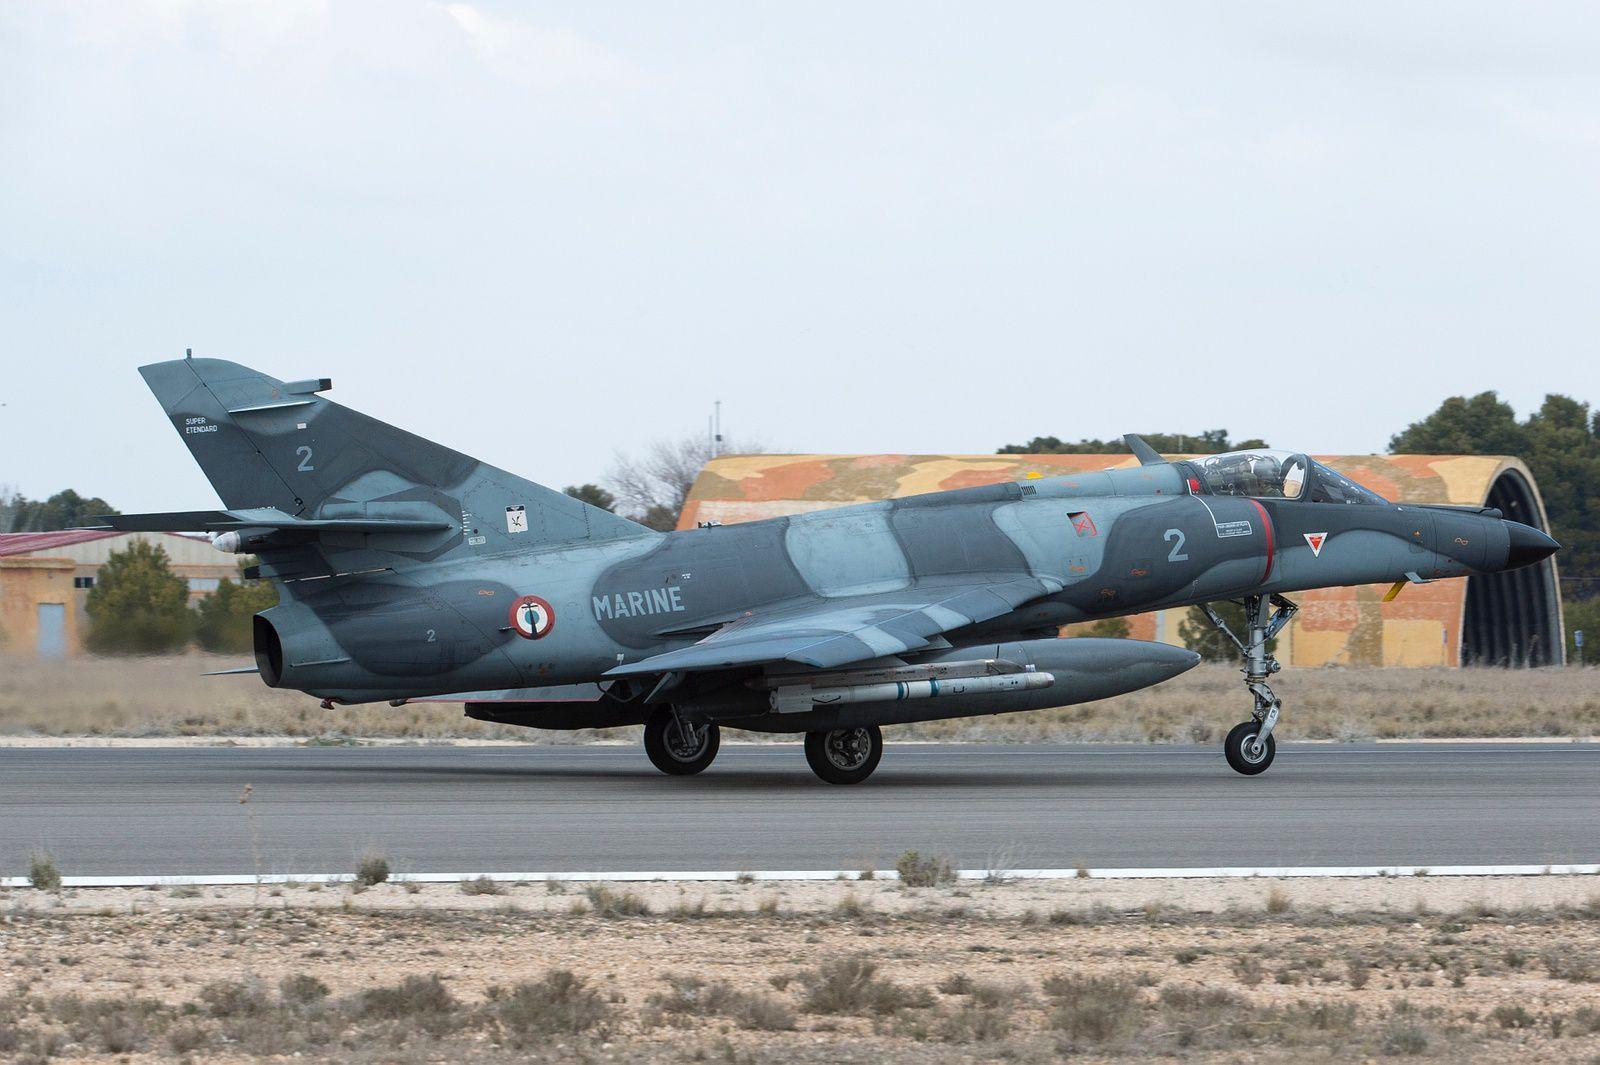 © Armée de l'Air - Le SEM a aussi laissé les ponts d'envol pour goûter aux terrains terrestres. Ici à Albacète, pour un Tactical Leadership Program (TLP).